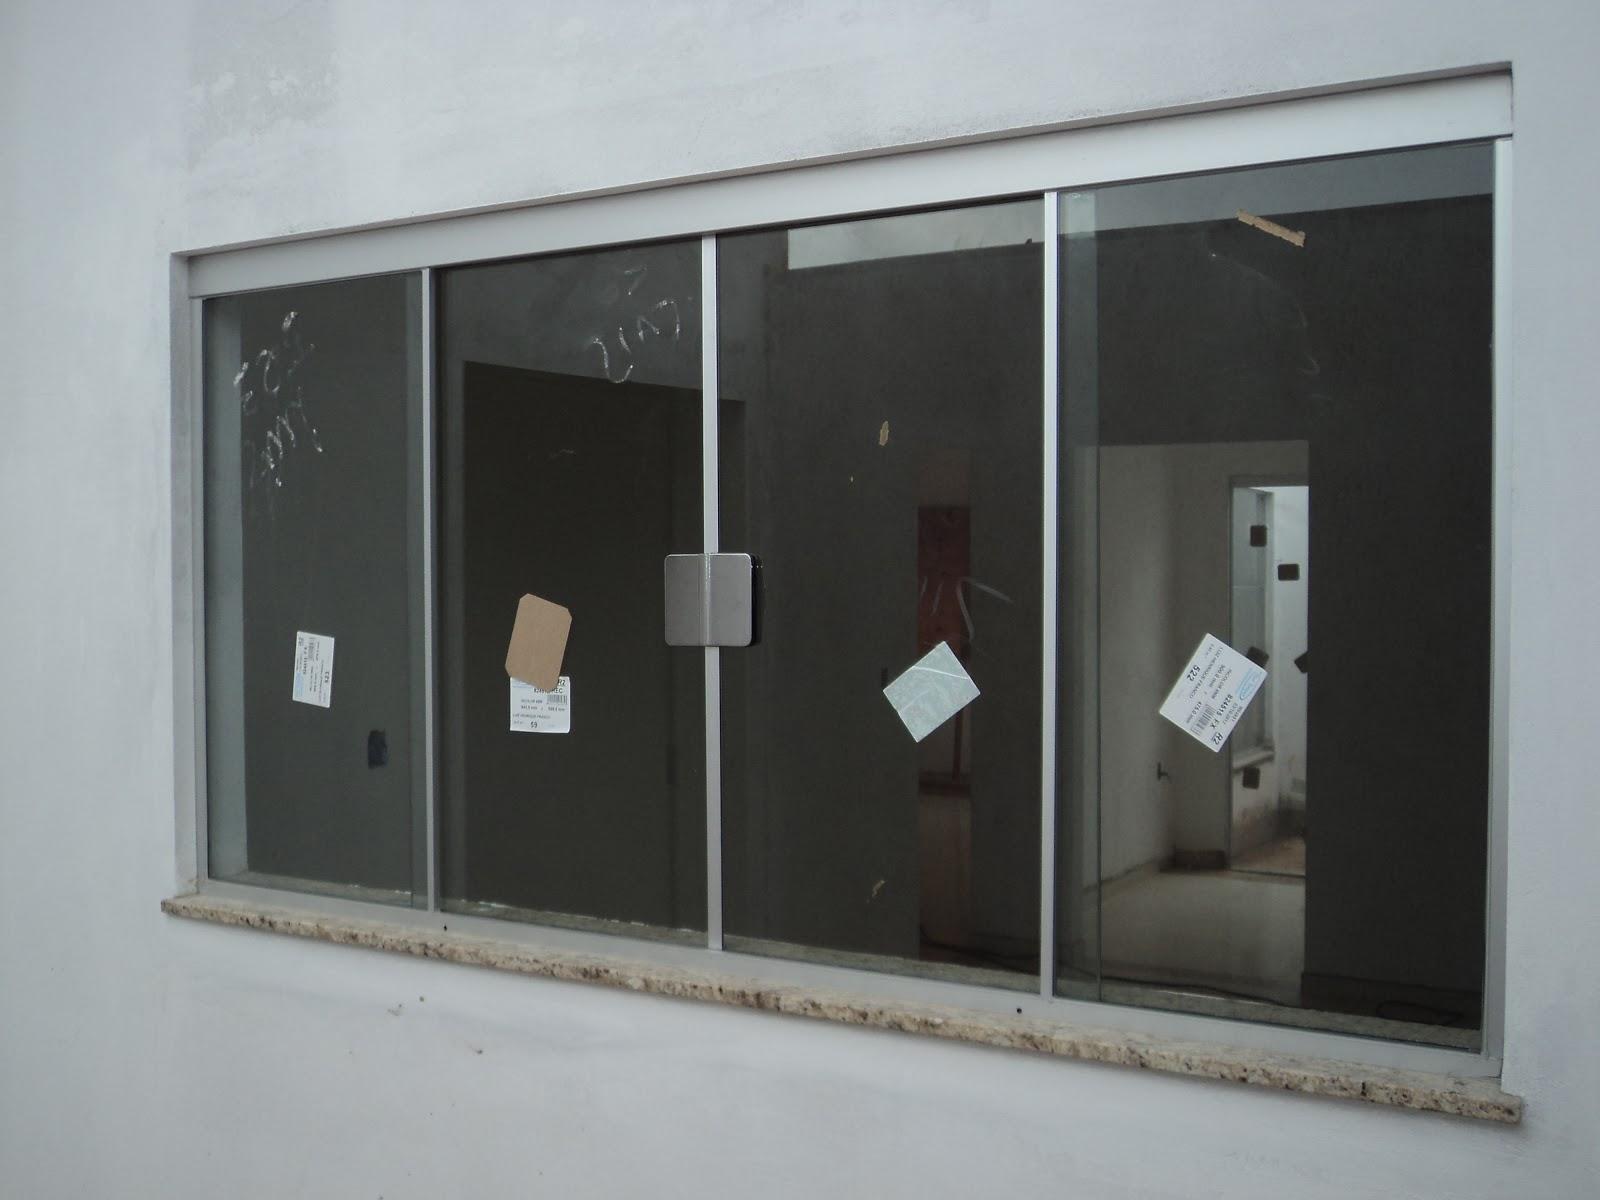 #585247 FRANCO VIDROS TEMPERADOS: Obra em Campos Novos Paulista 1114 Portas E Janelas De Aluminio Para Cozinha